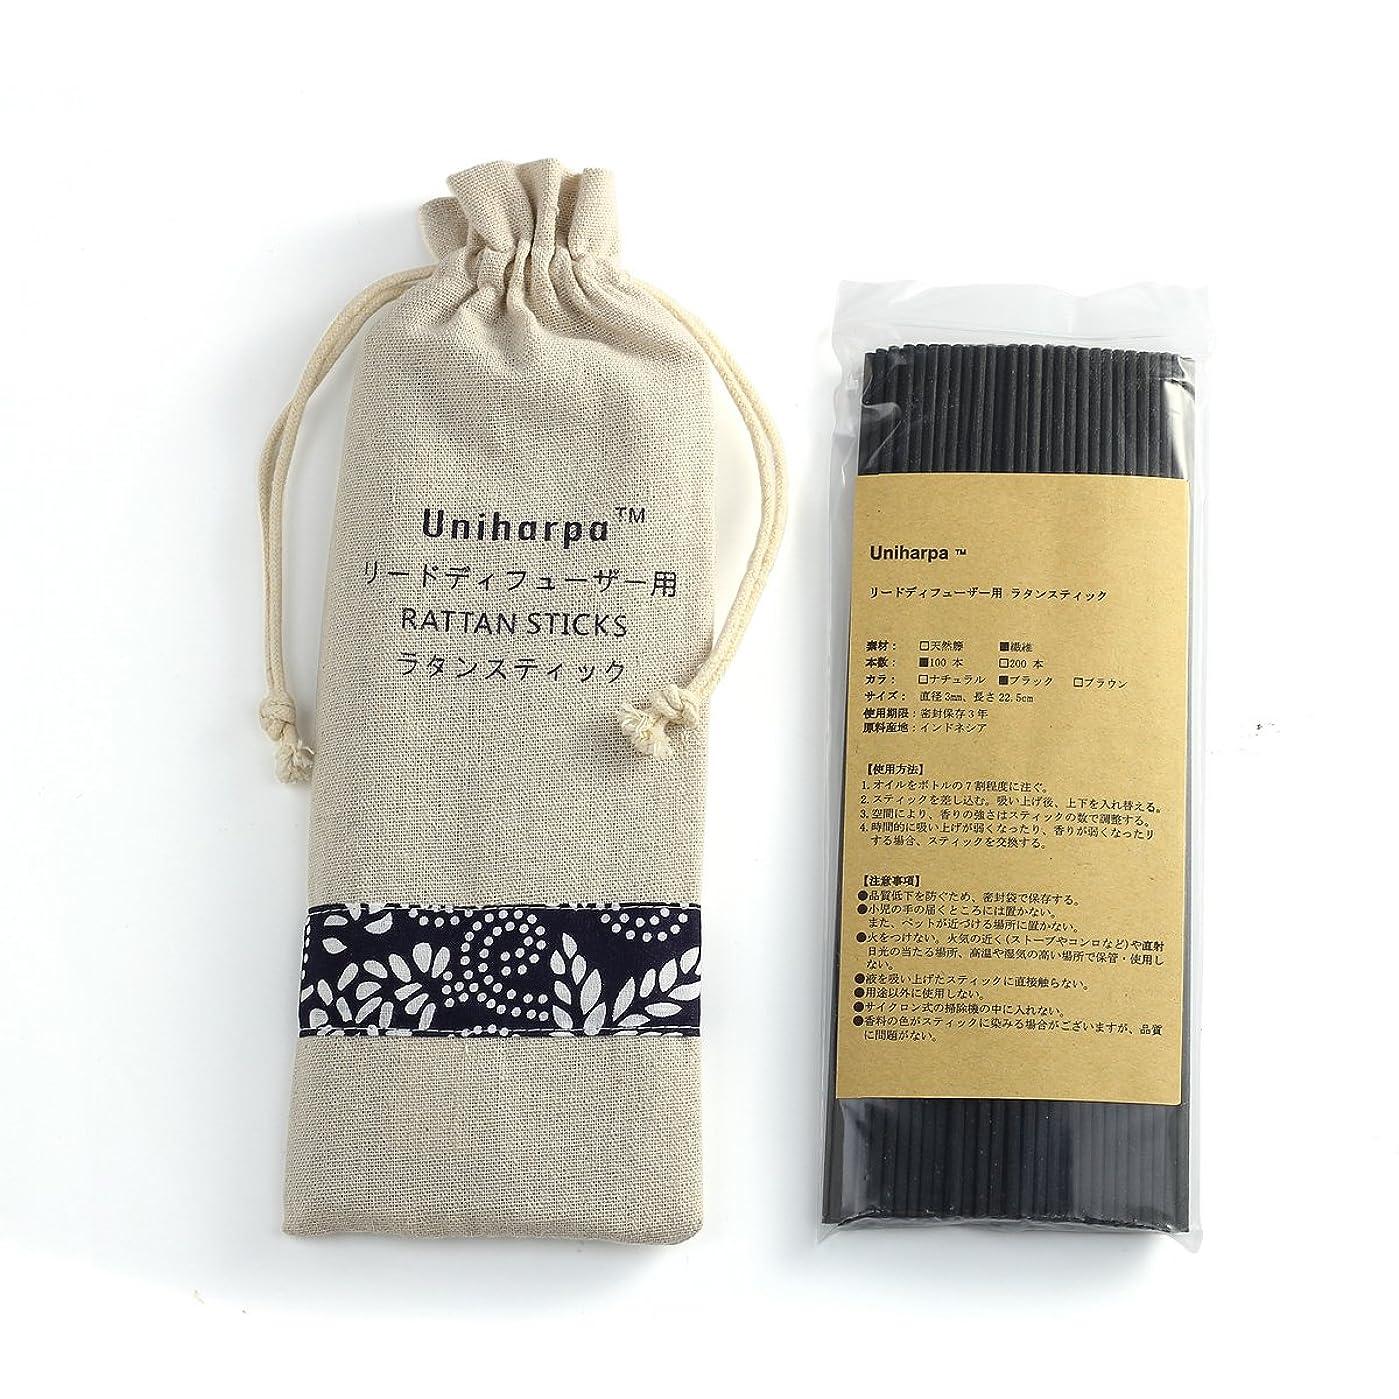 二度外観そばにリードディフューザー用 ラタンスティック/リードスティック リフィル 繊維素材 22.5cm 直径3mm 100本入 乾燥剤入り オリジナル旅行専用袋付 (ブラック)